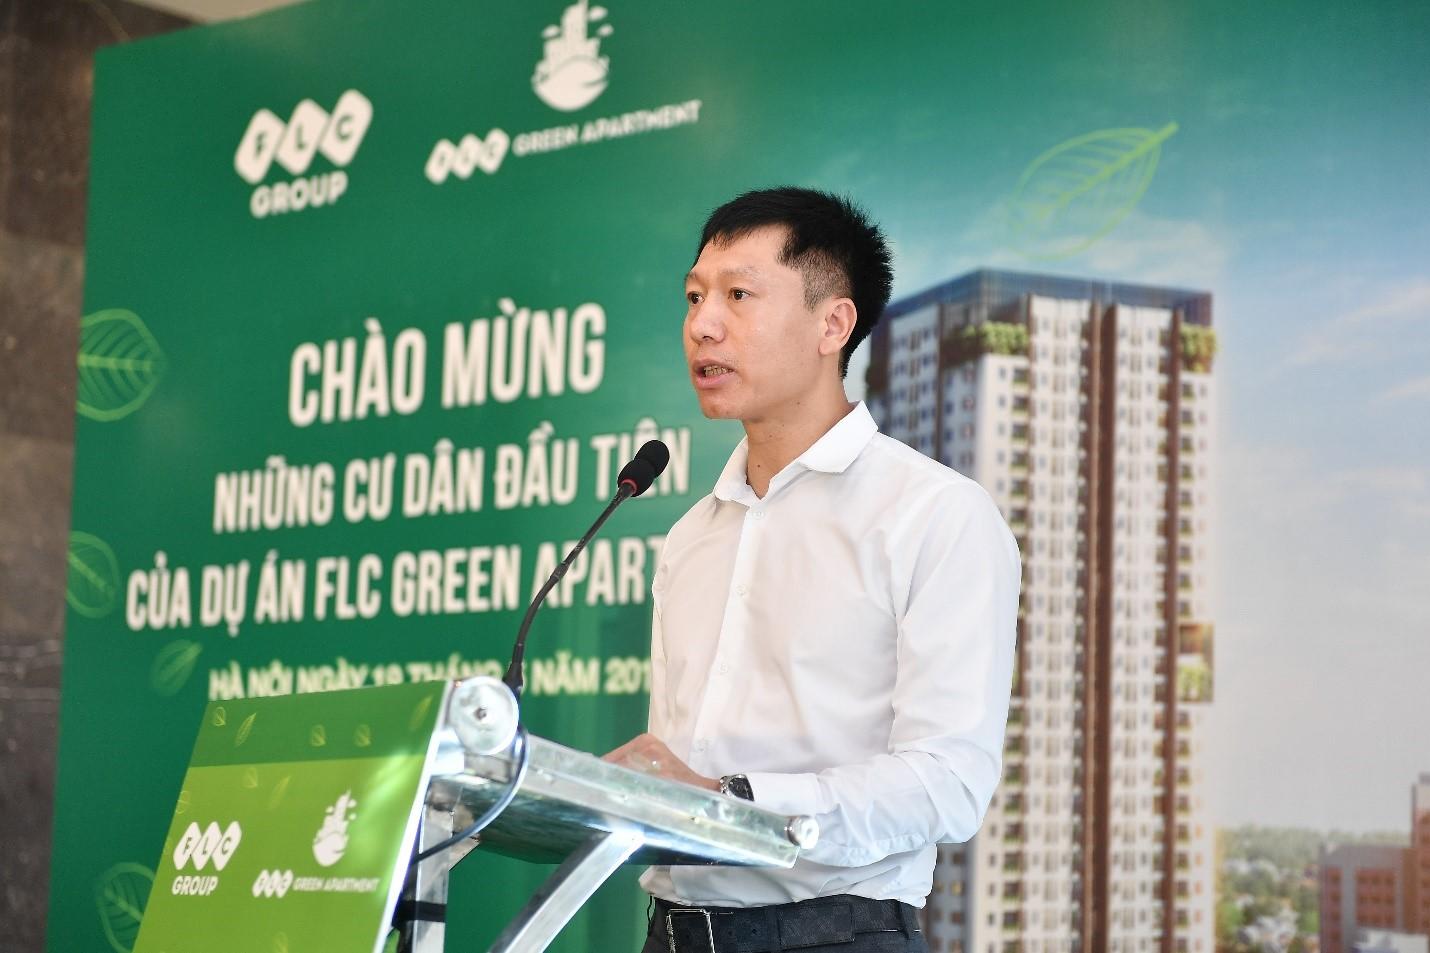 Ảnh 1: Đại diện chủ đầu tư - ông Nguyễn Thiện Phú phát biểu tại sự kiện